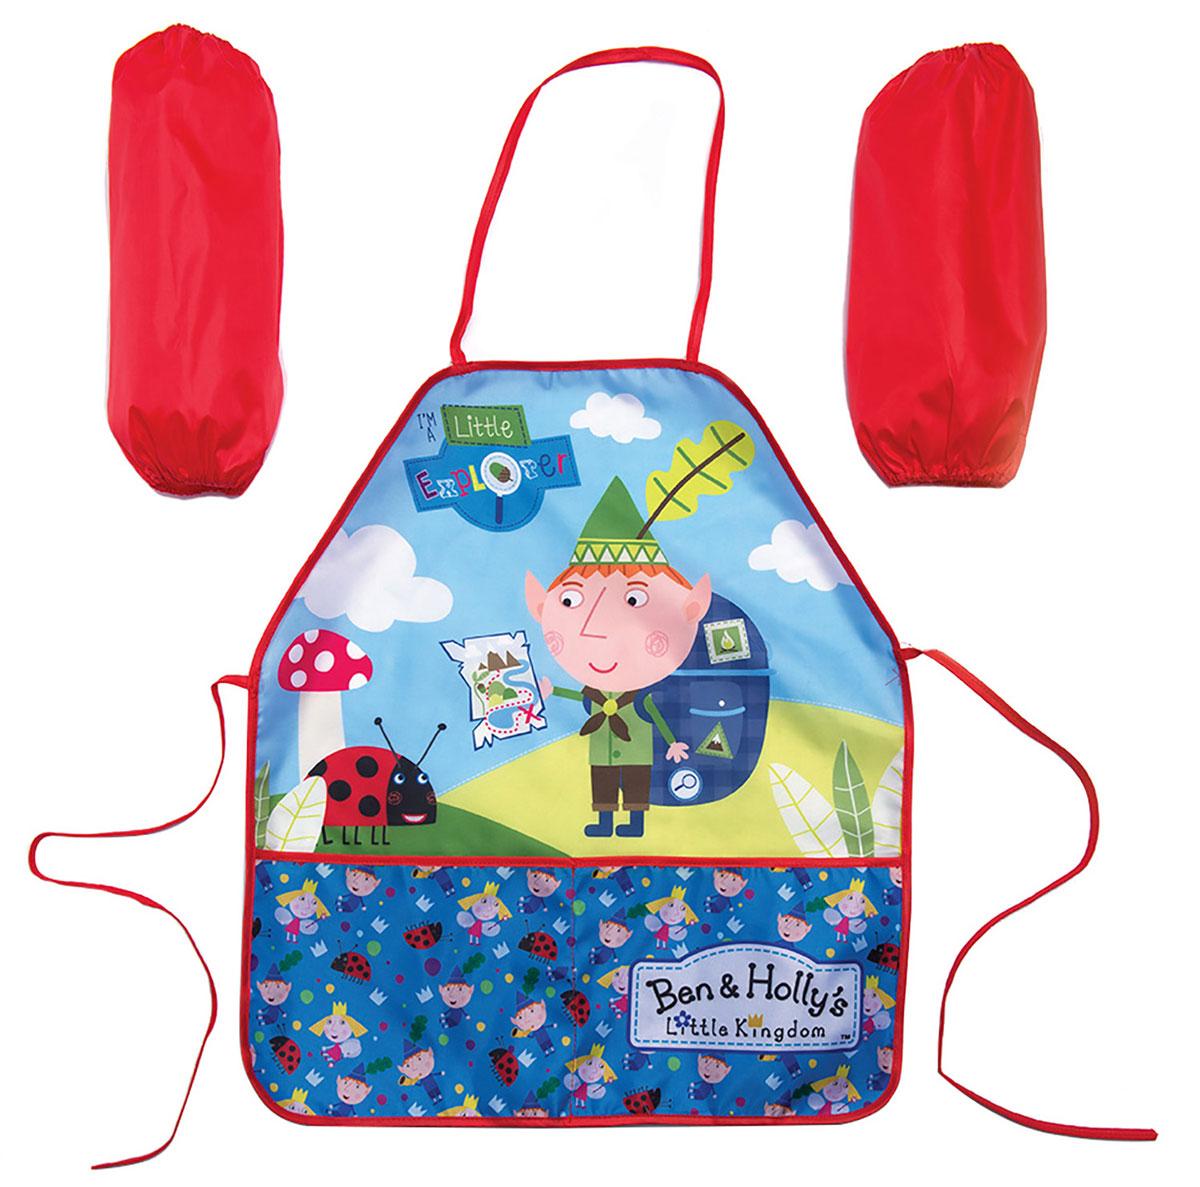 Ben&Holly Фартук детский с нарукавниками Бен и Холли цвет голубой красный -  Аксессуары для труда